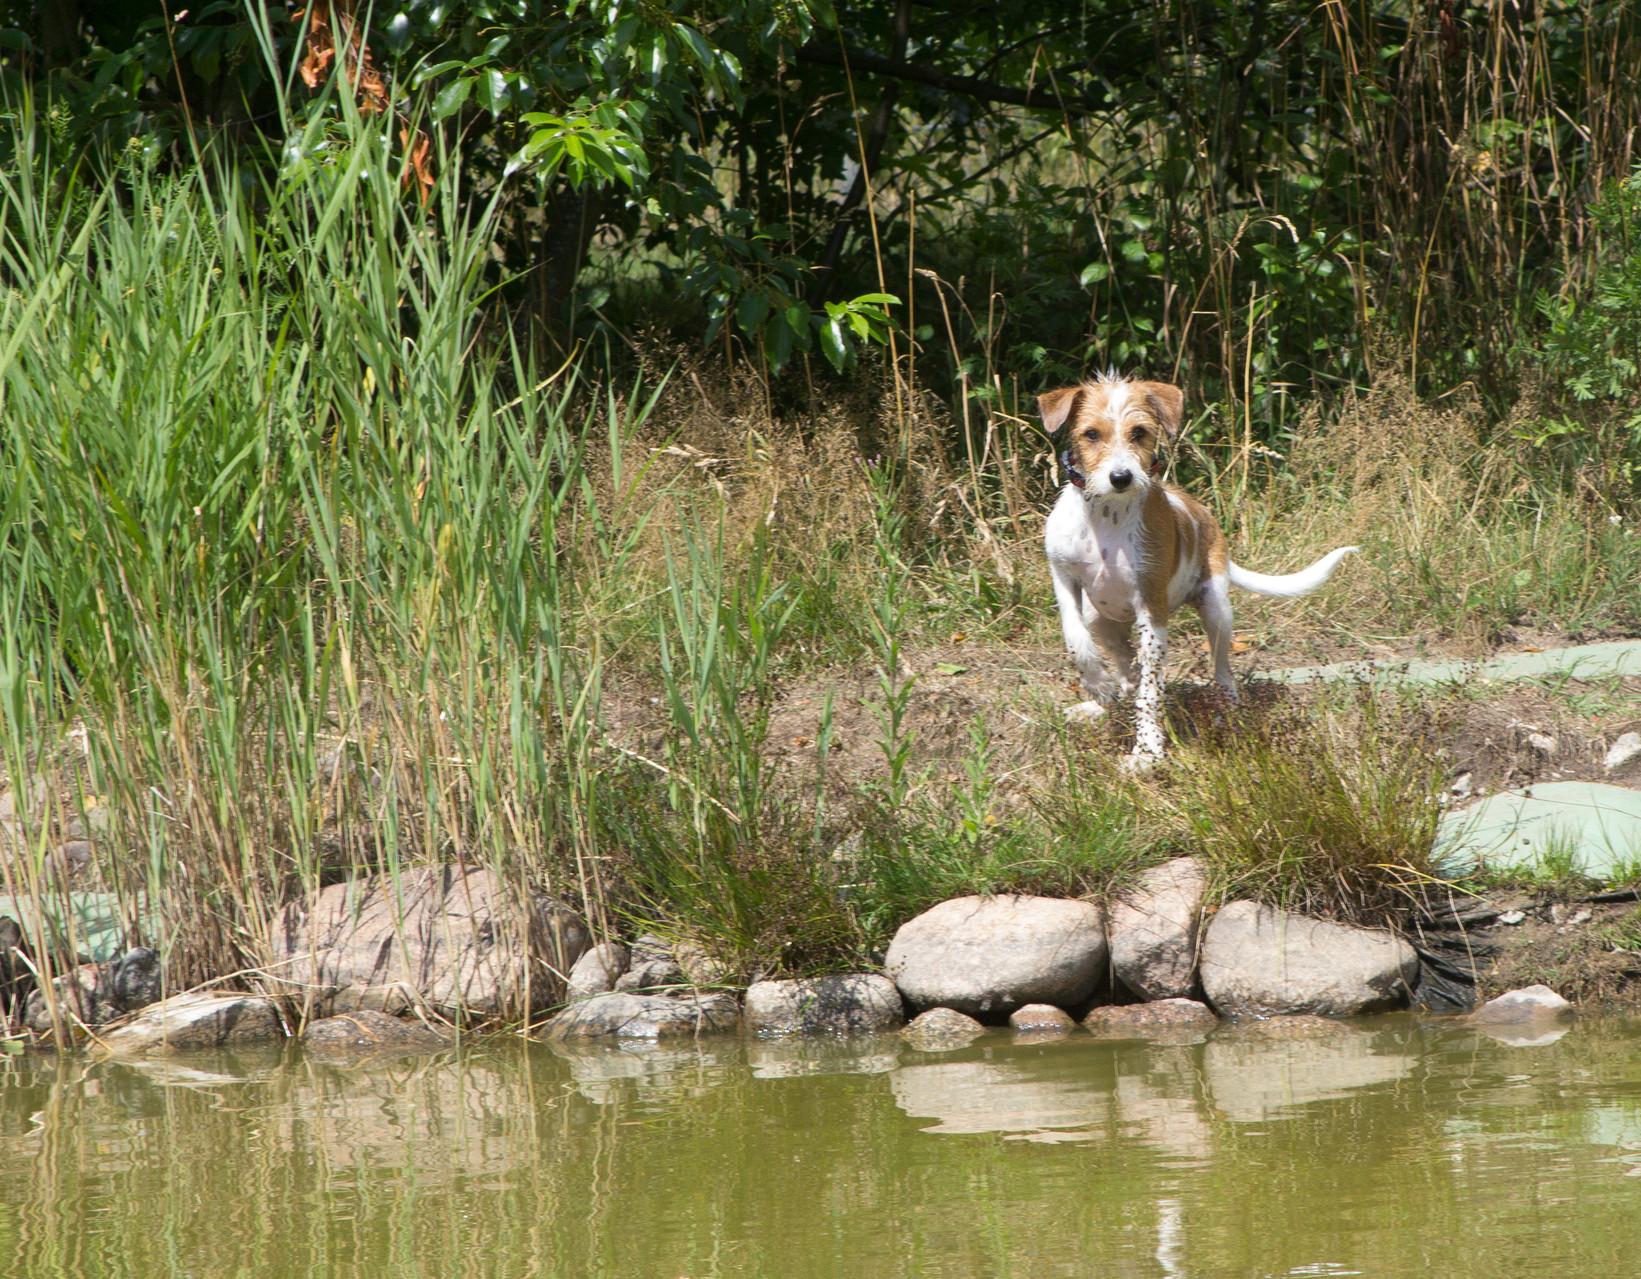 Kaja schaut noch vorsichtig vom Ufer zu